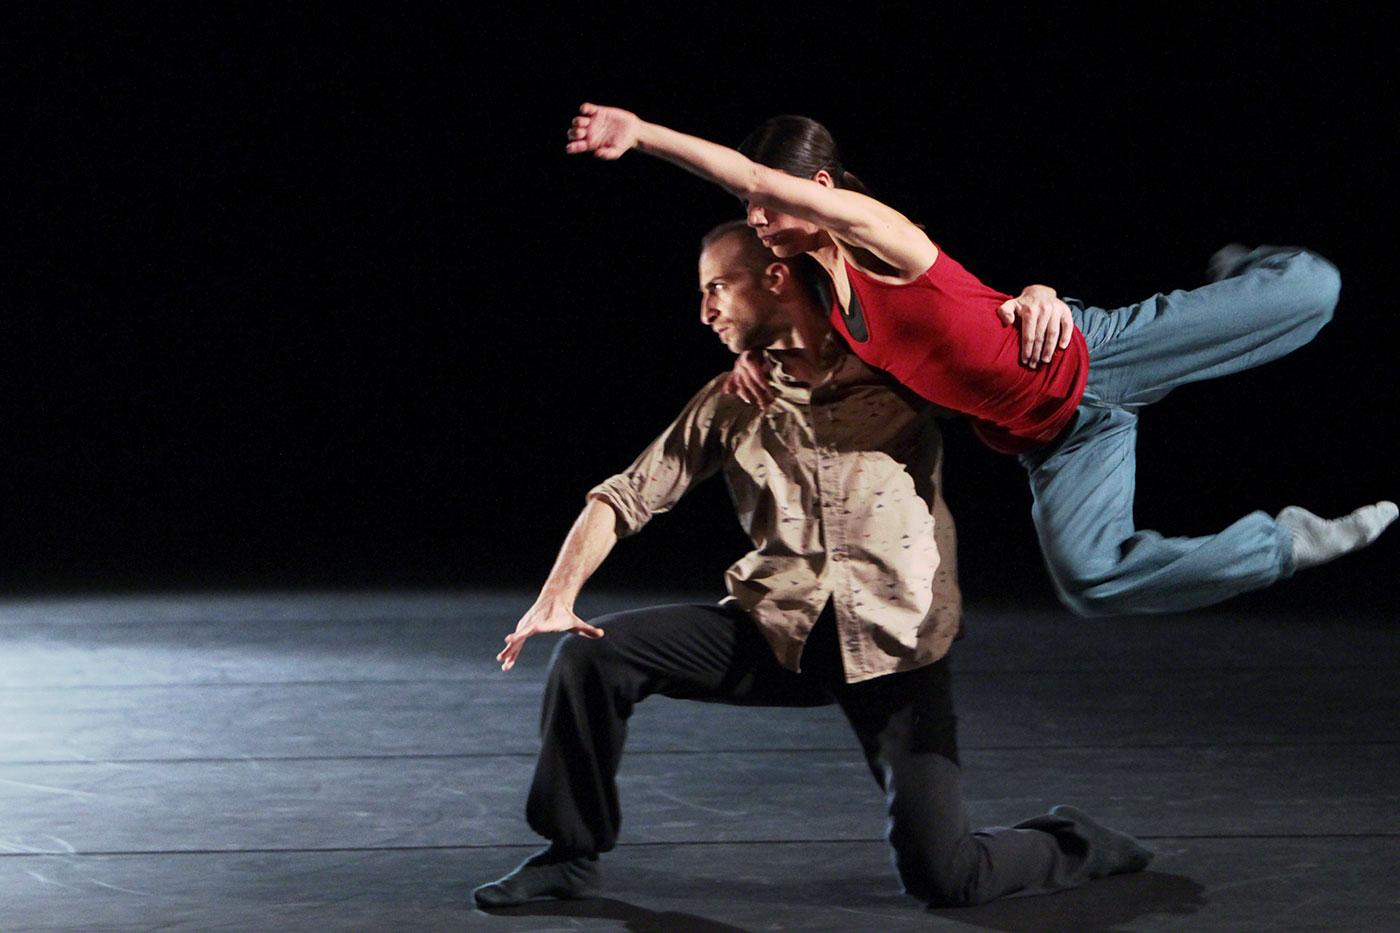 «Drop of Doubt» im Rahmen von «Tanz 9: Fine Lines» im April 2012: Salome Martins mit Ihsan Rustem.